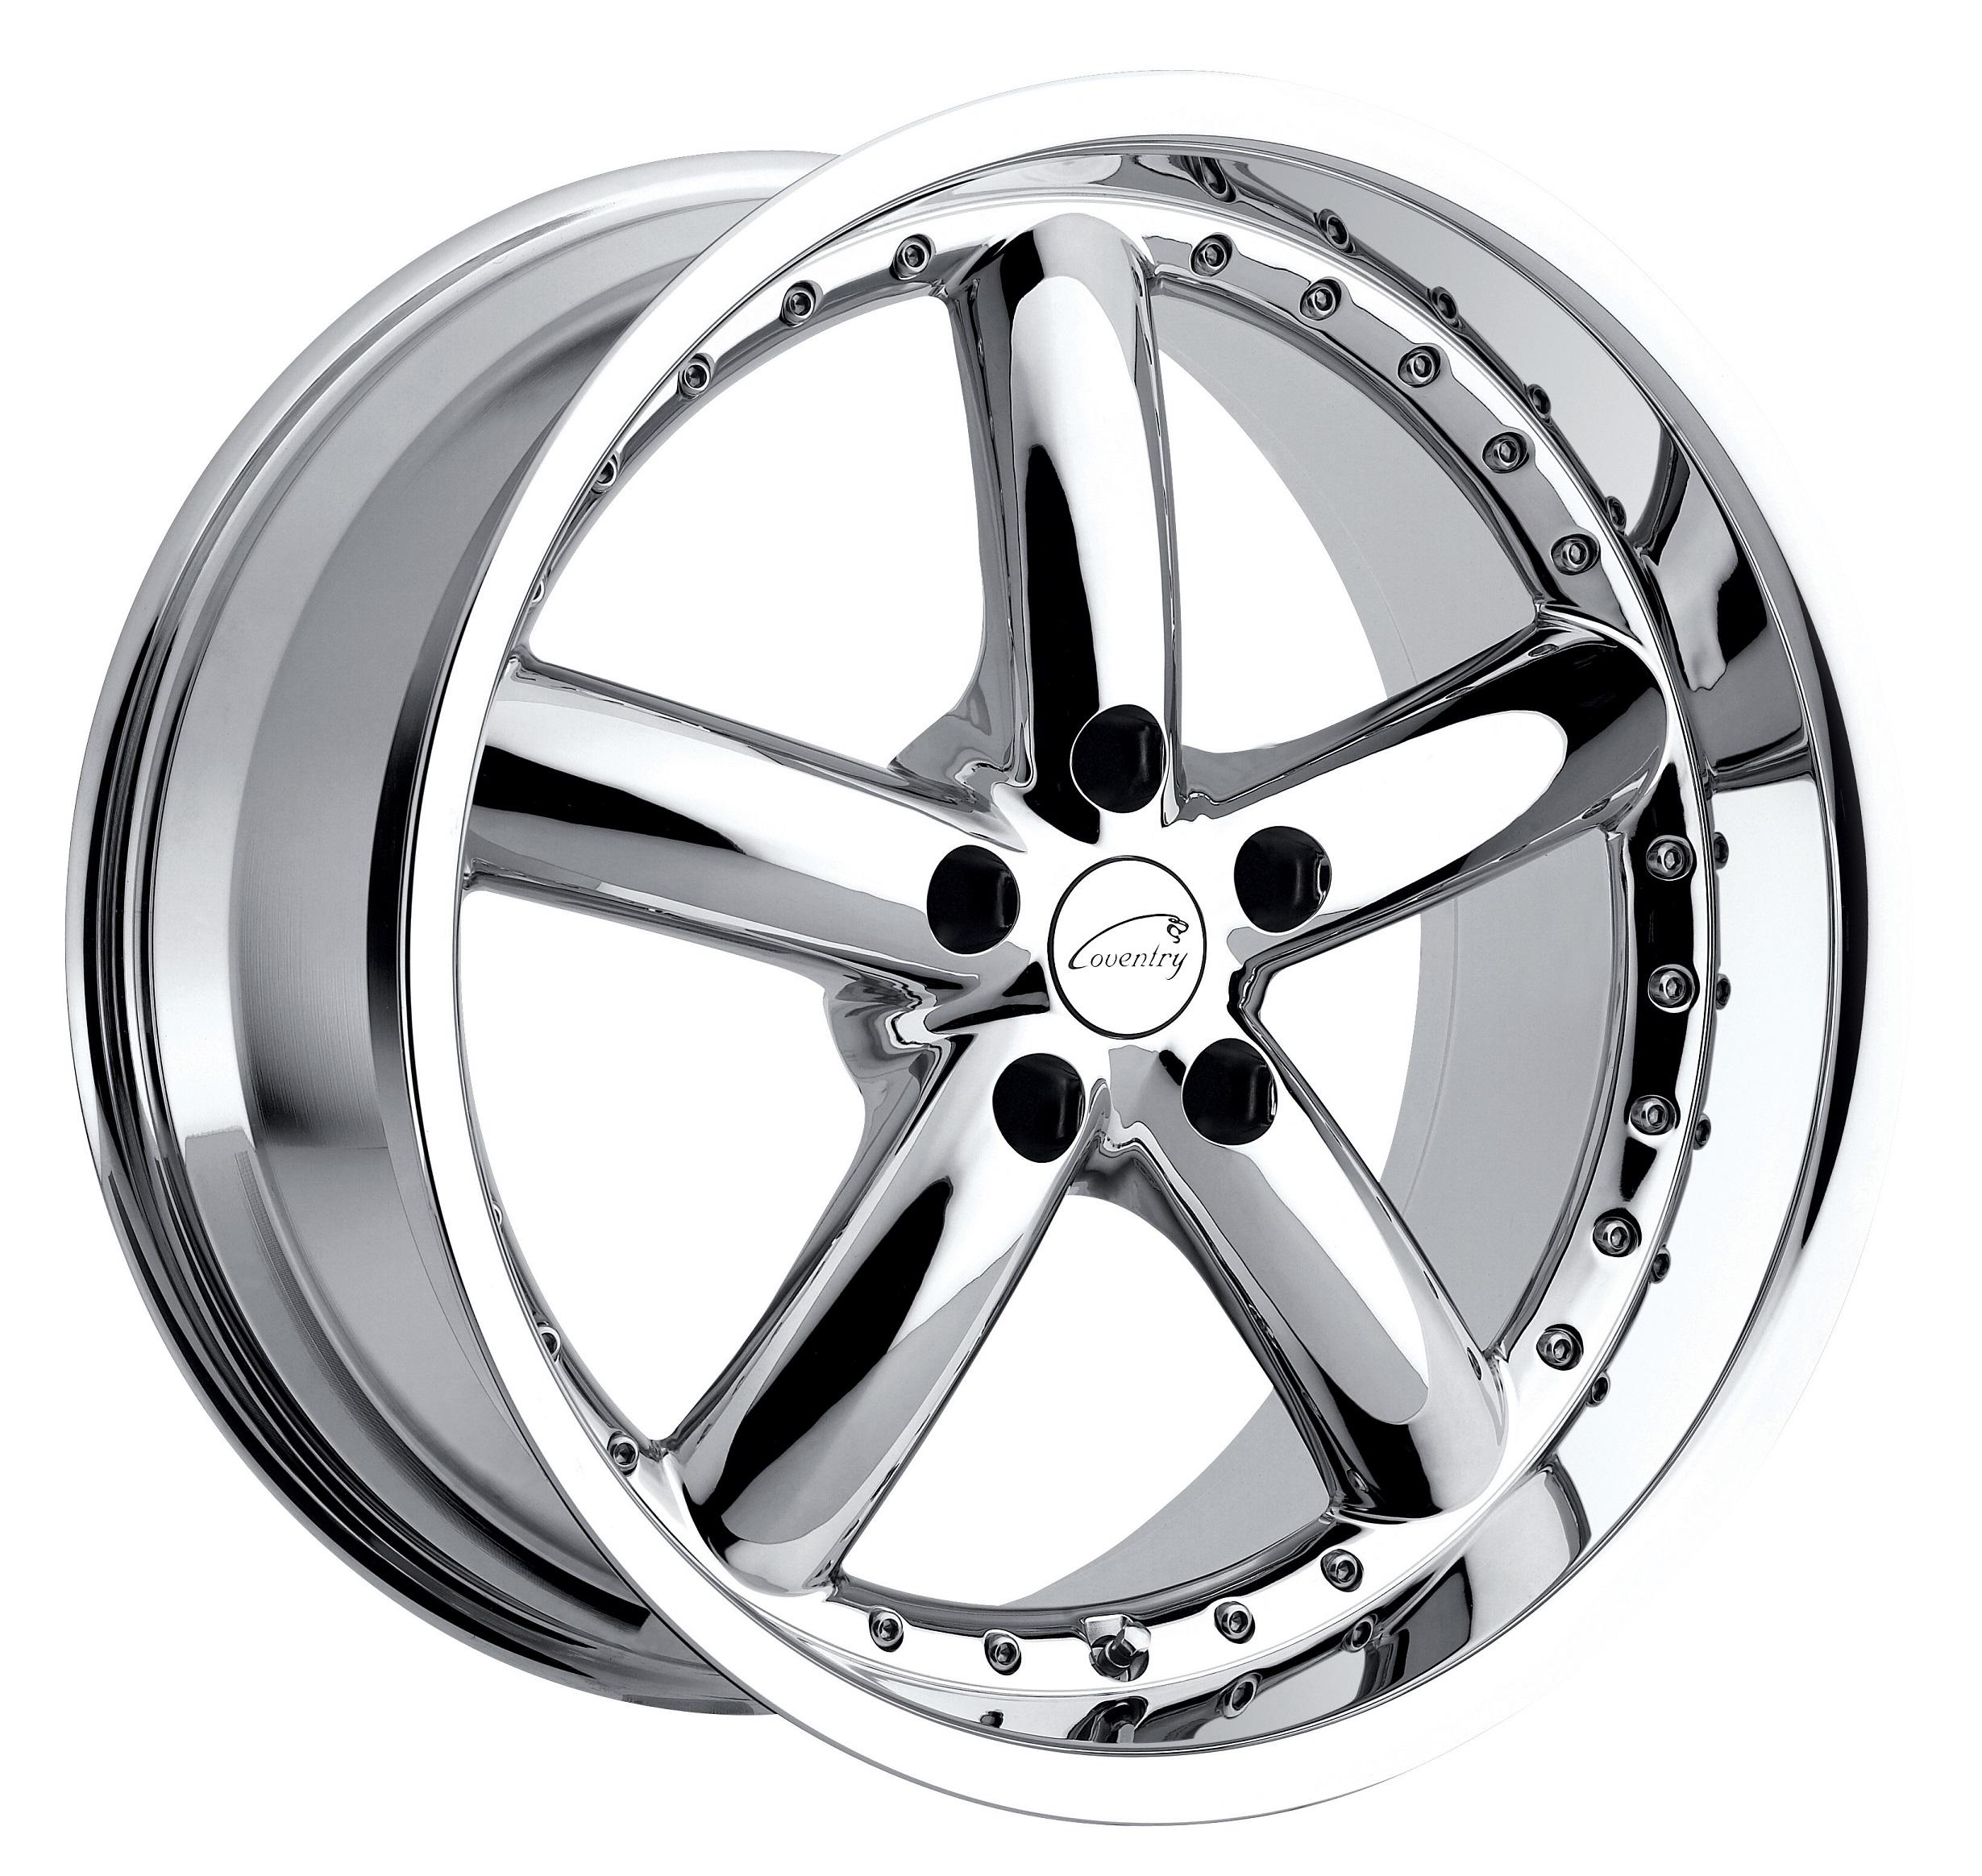 s loading alloy wheels type inch image wheel ebay itm is jaguar